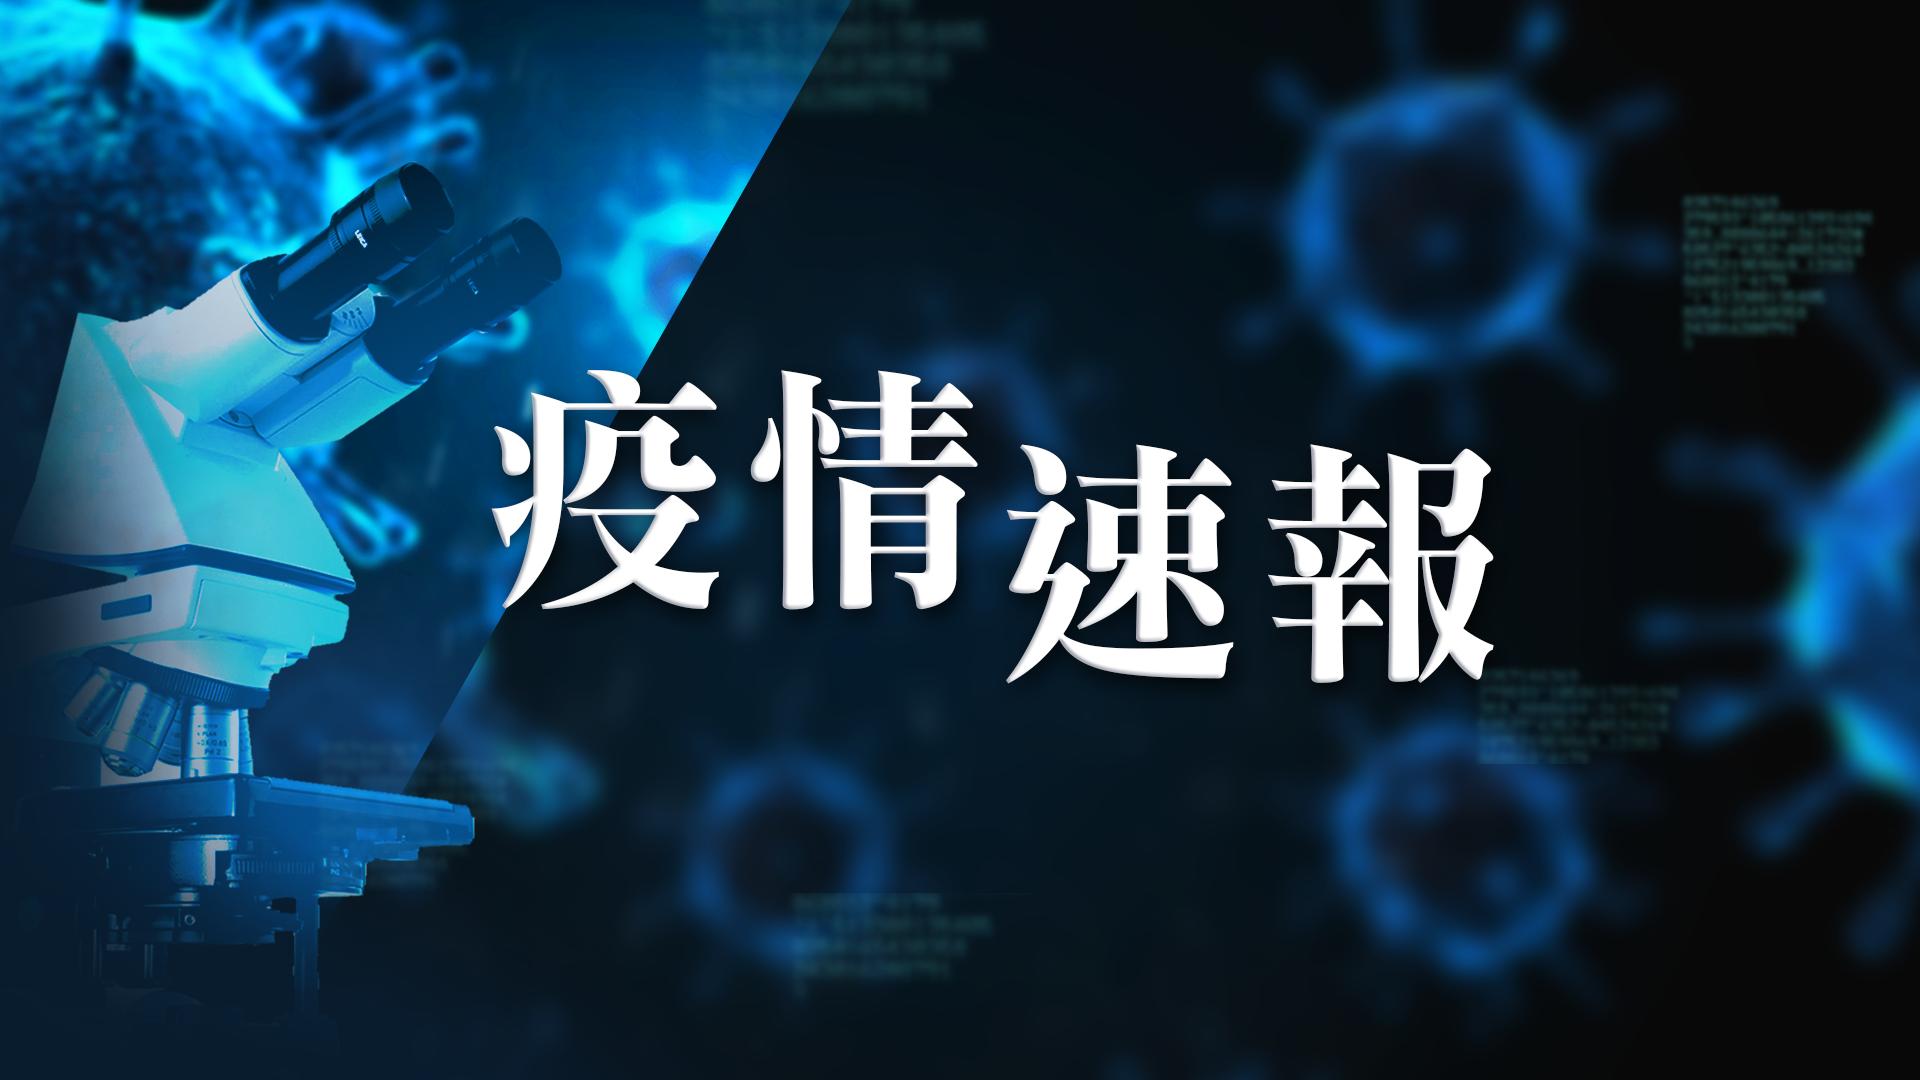 【7月30日疫情速報】(23:45)